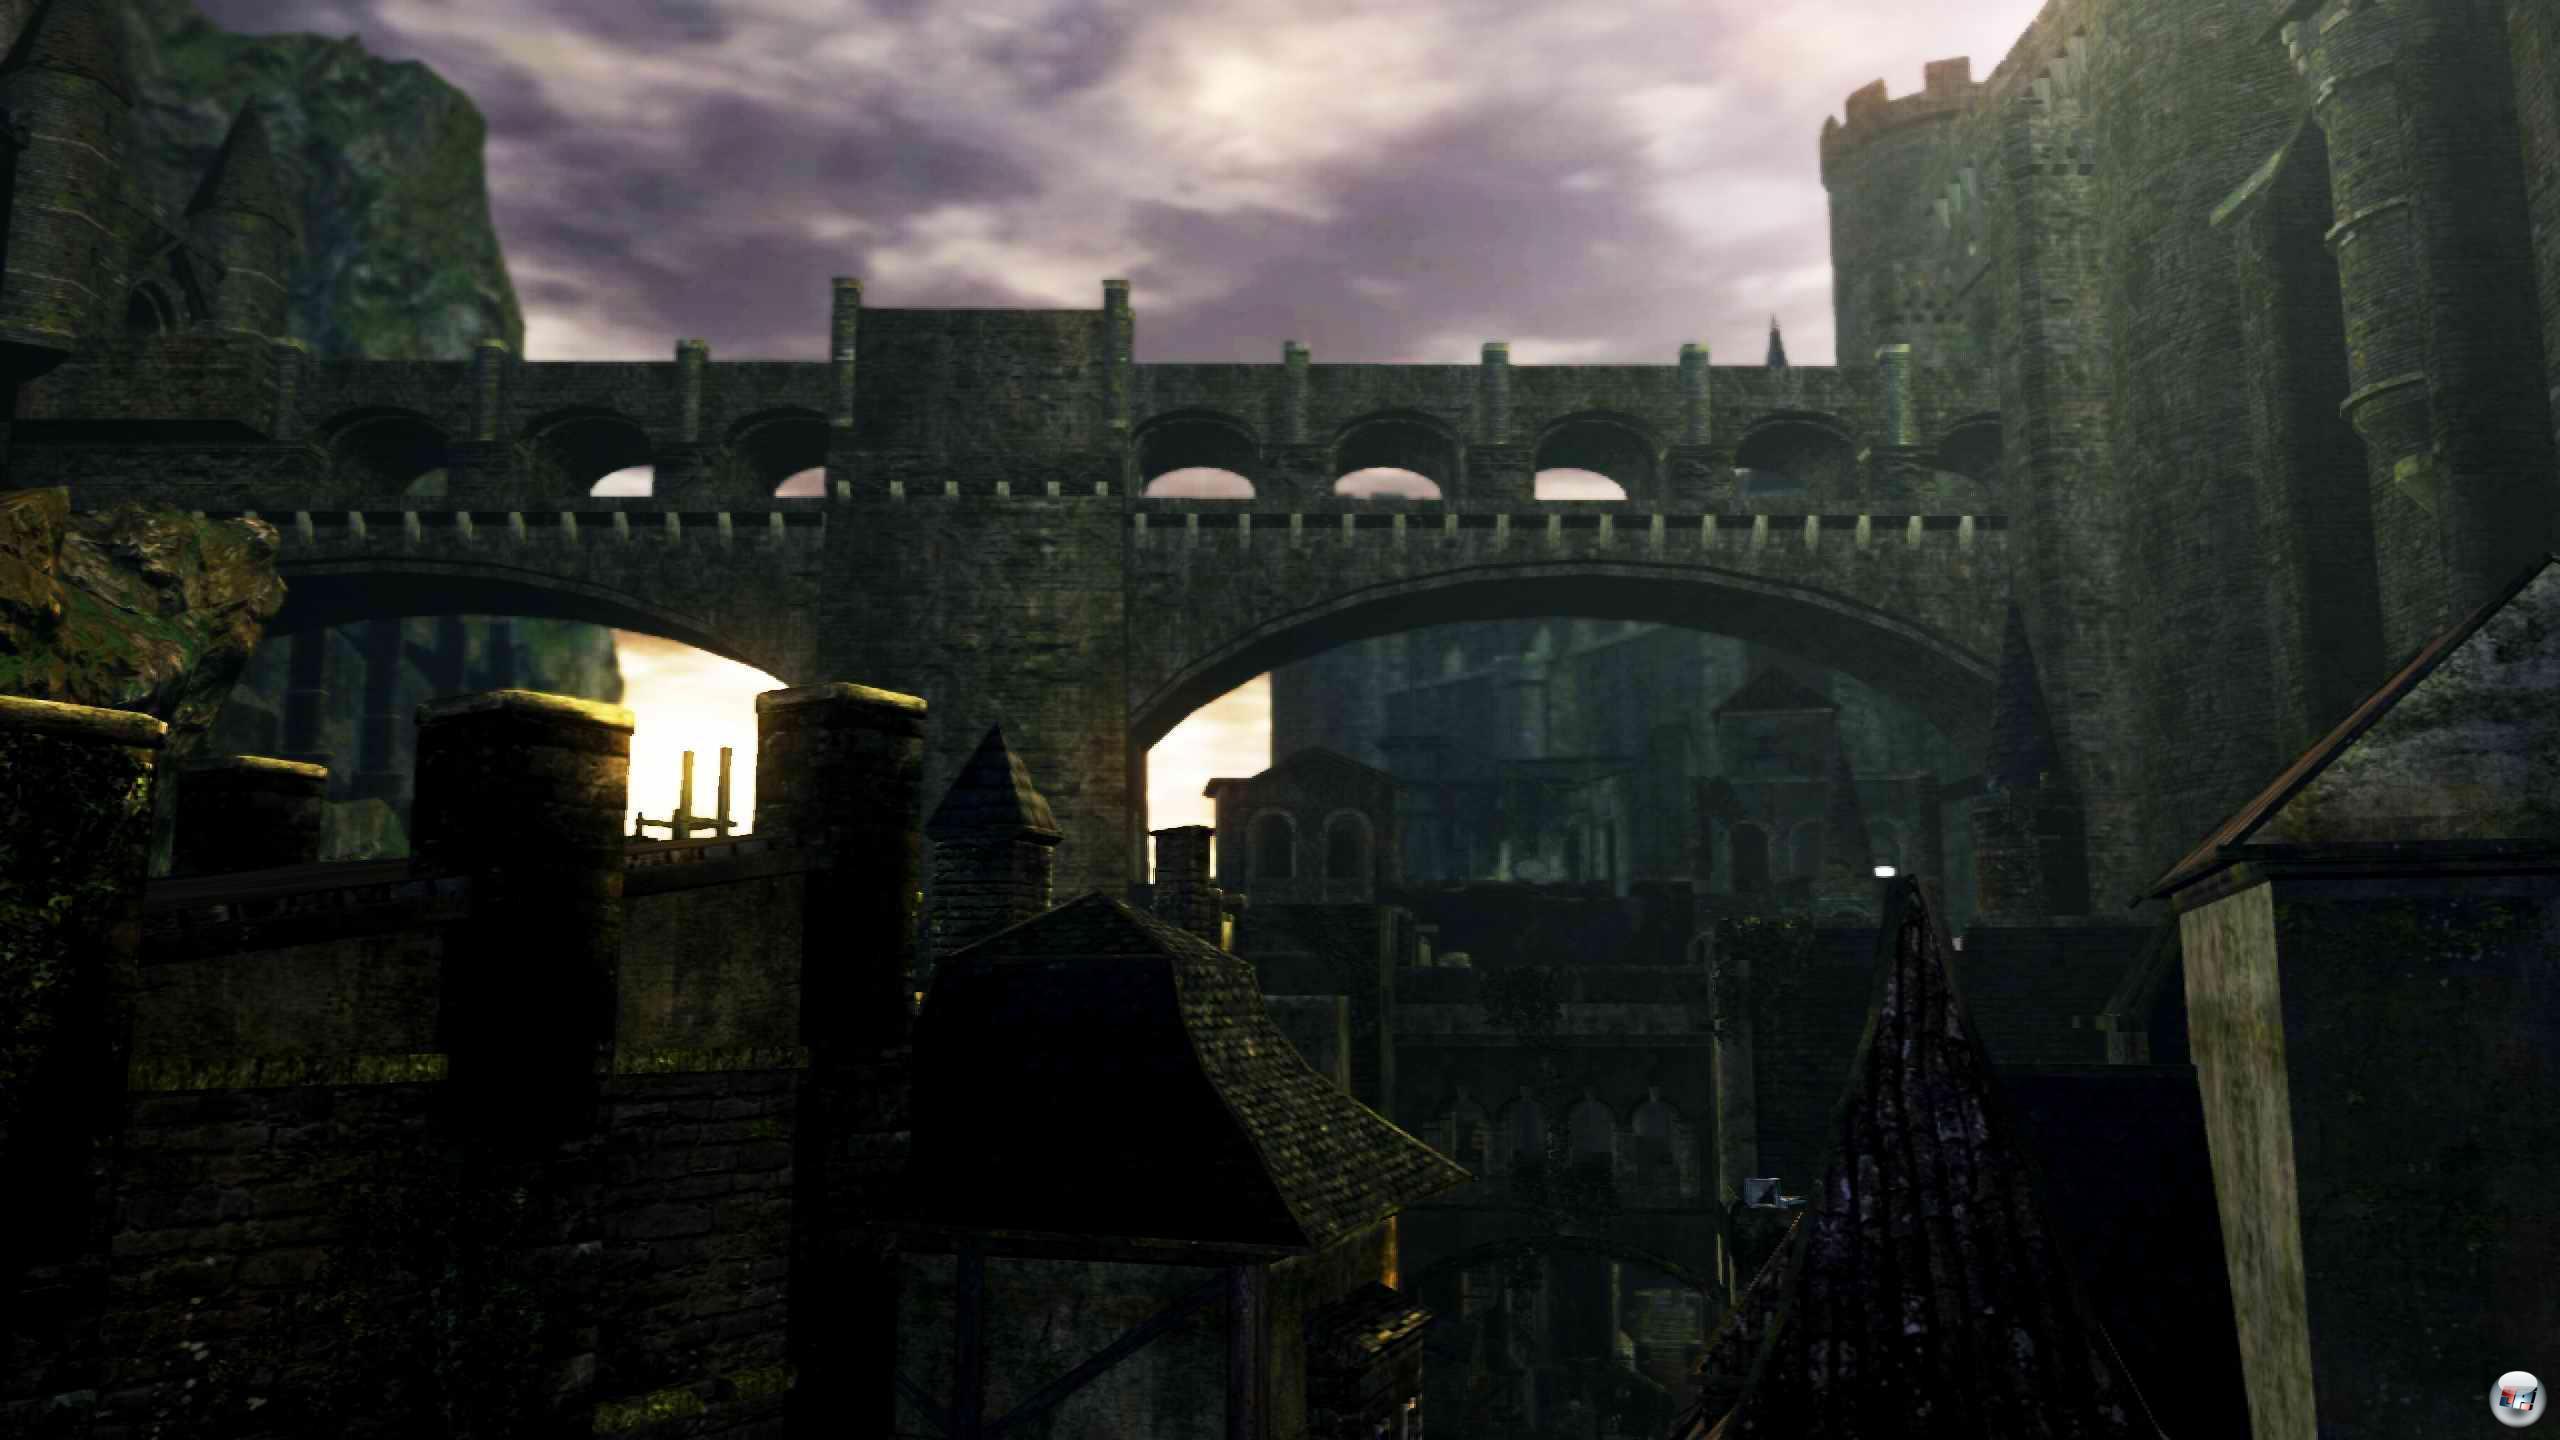 Die Festungsanlage begeistert: Herrlich verwinkelt, unheimlich stimmungsvoll!